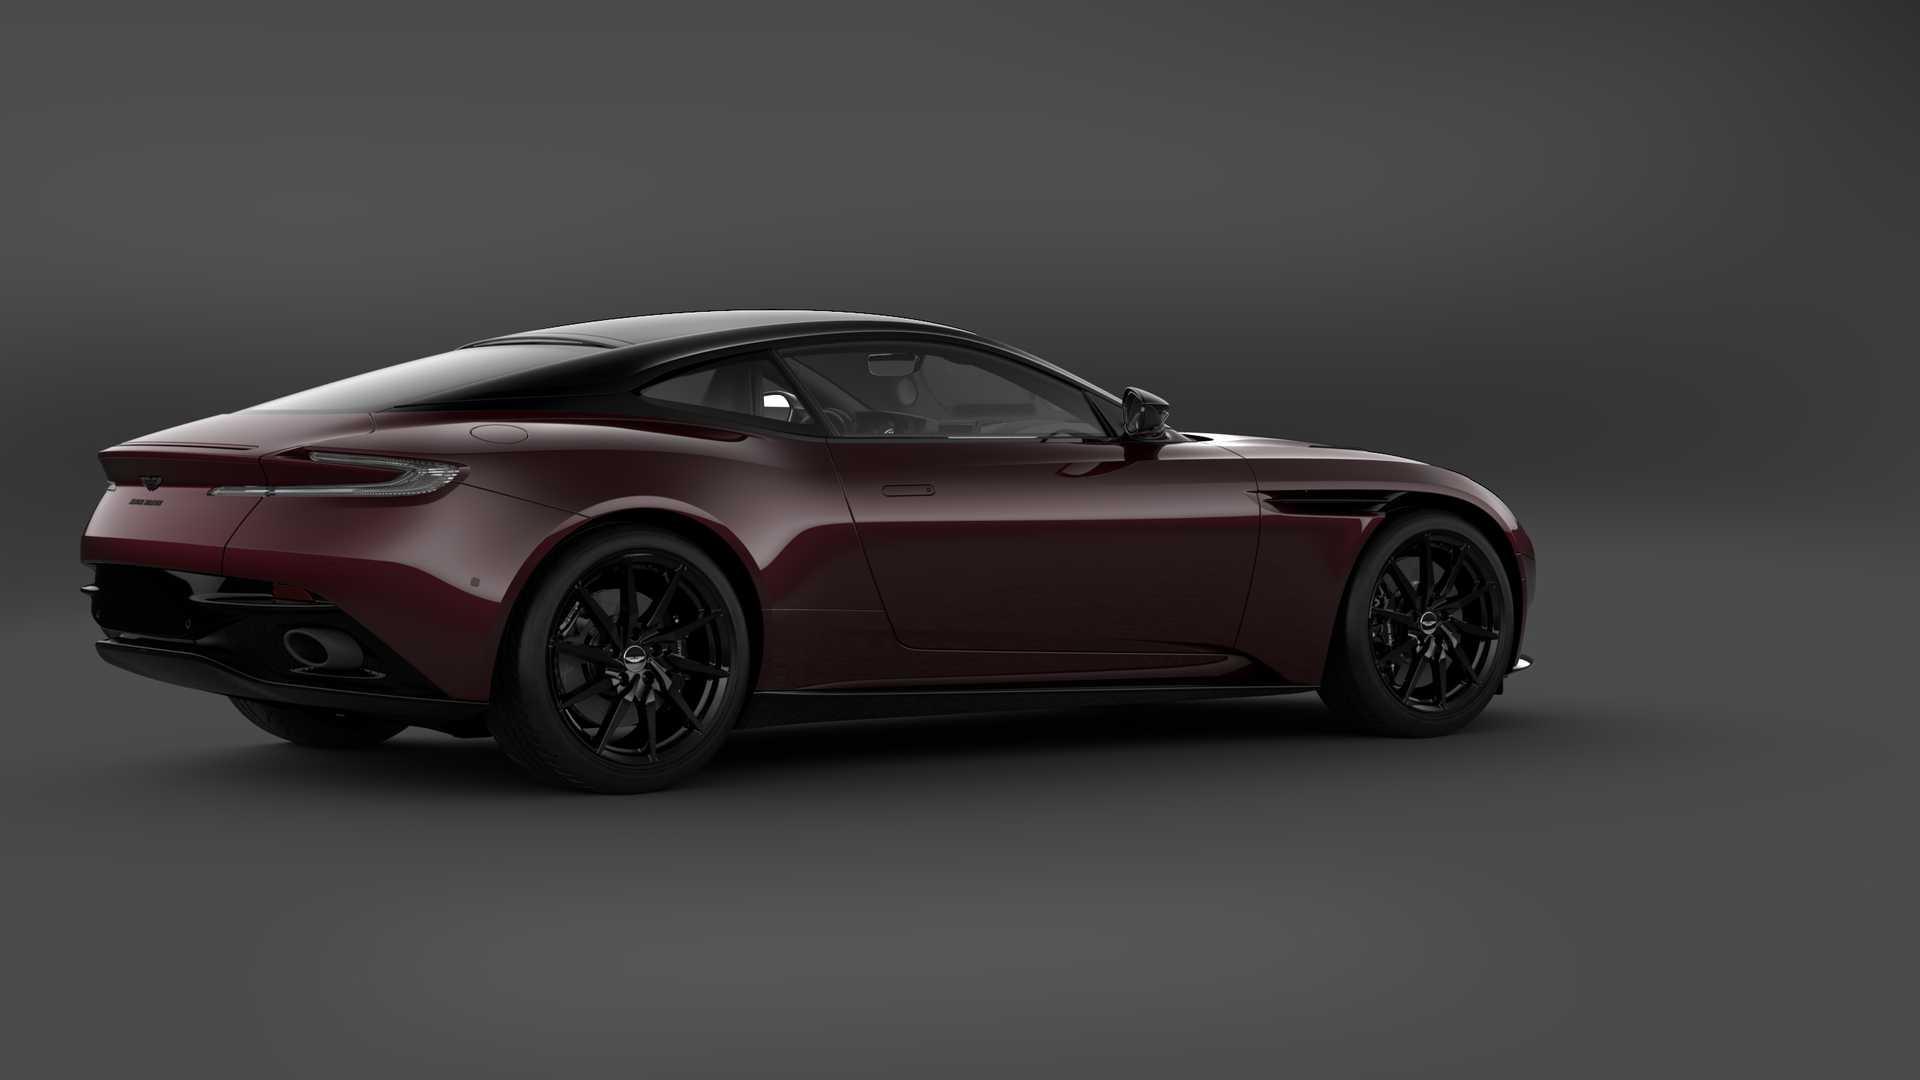 Aston Martin DB11 recebe versão especial e limitada a 300 unidades